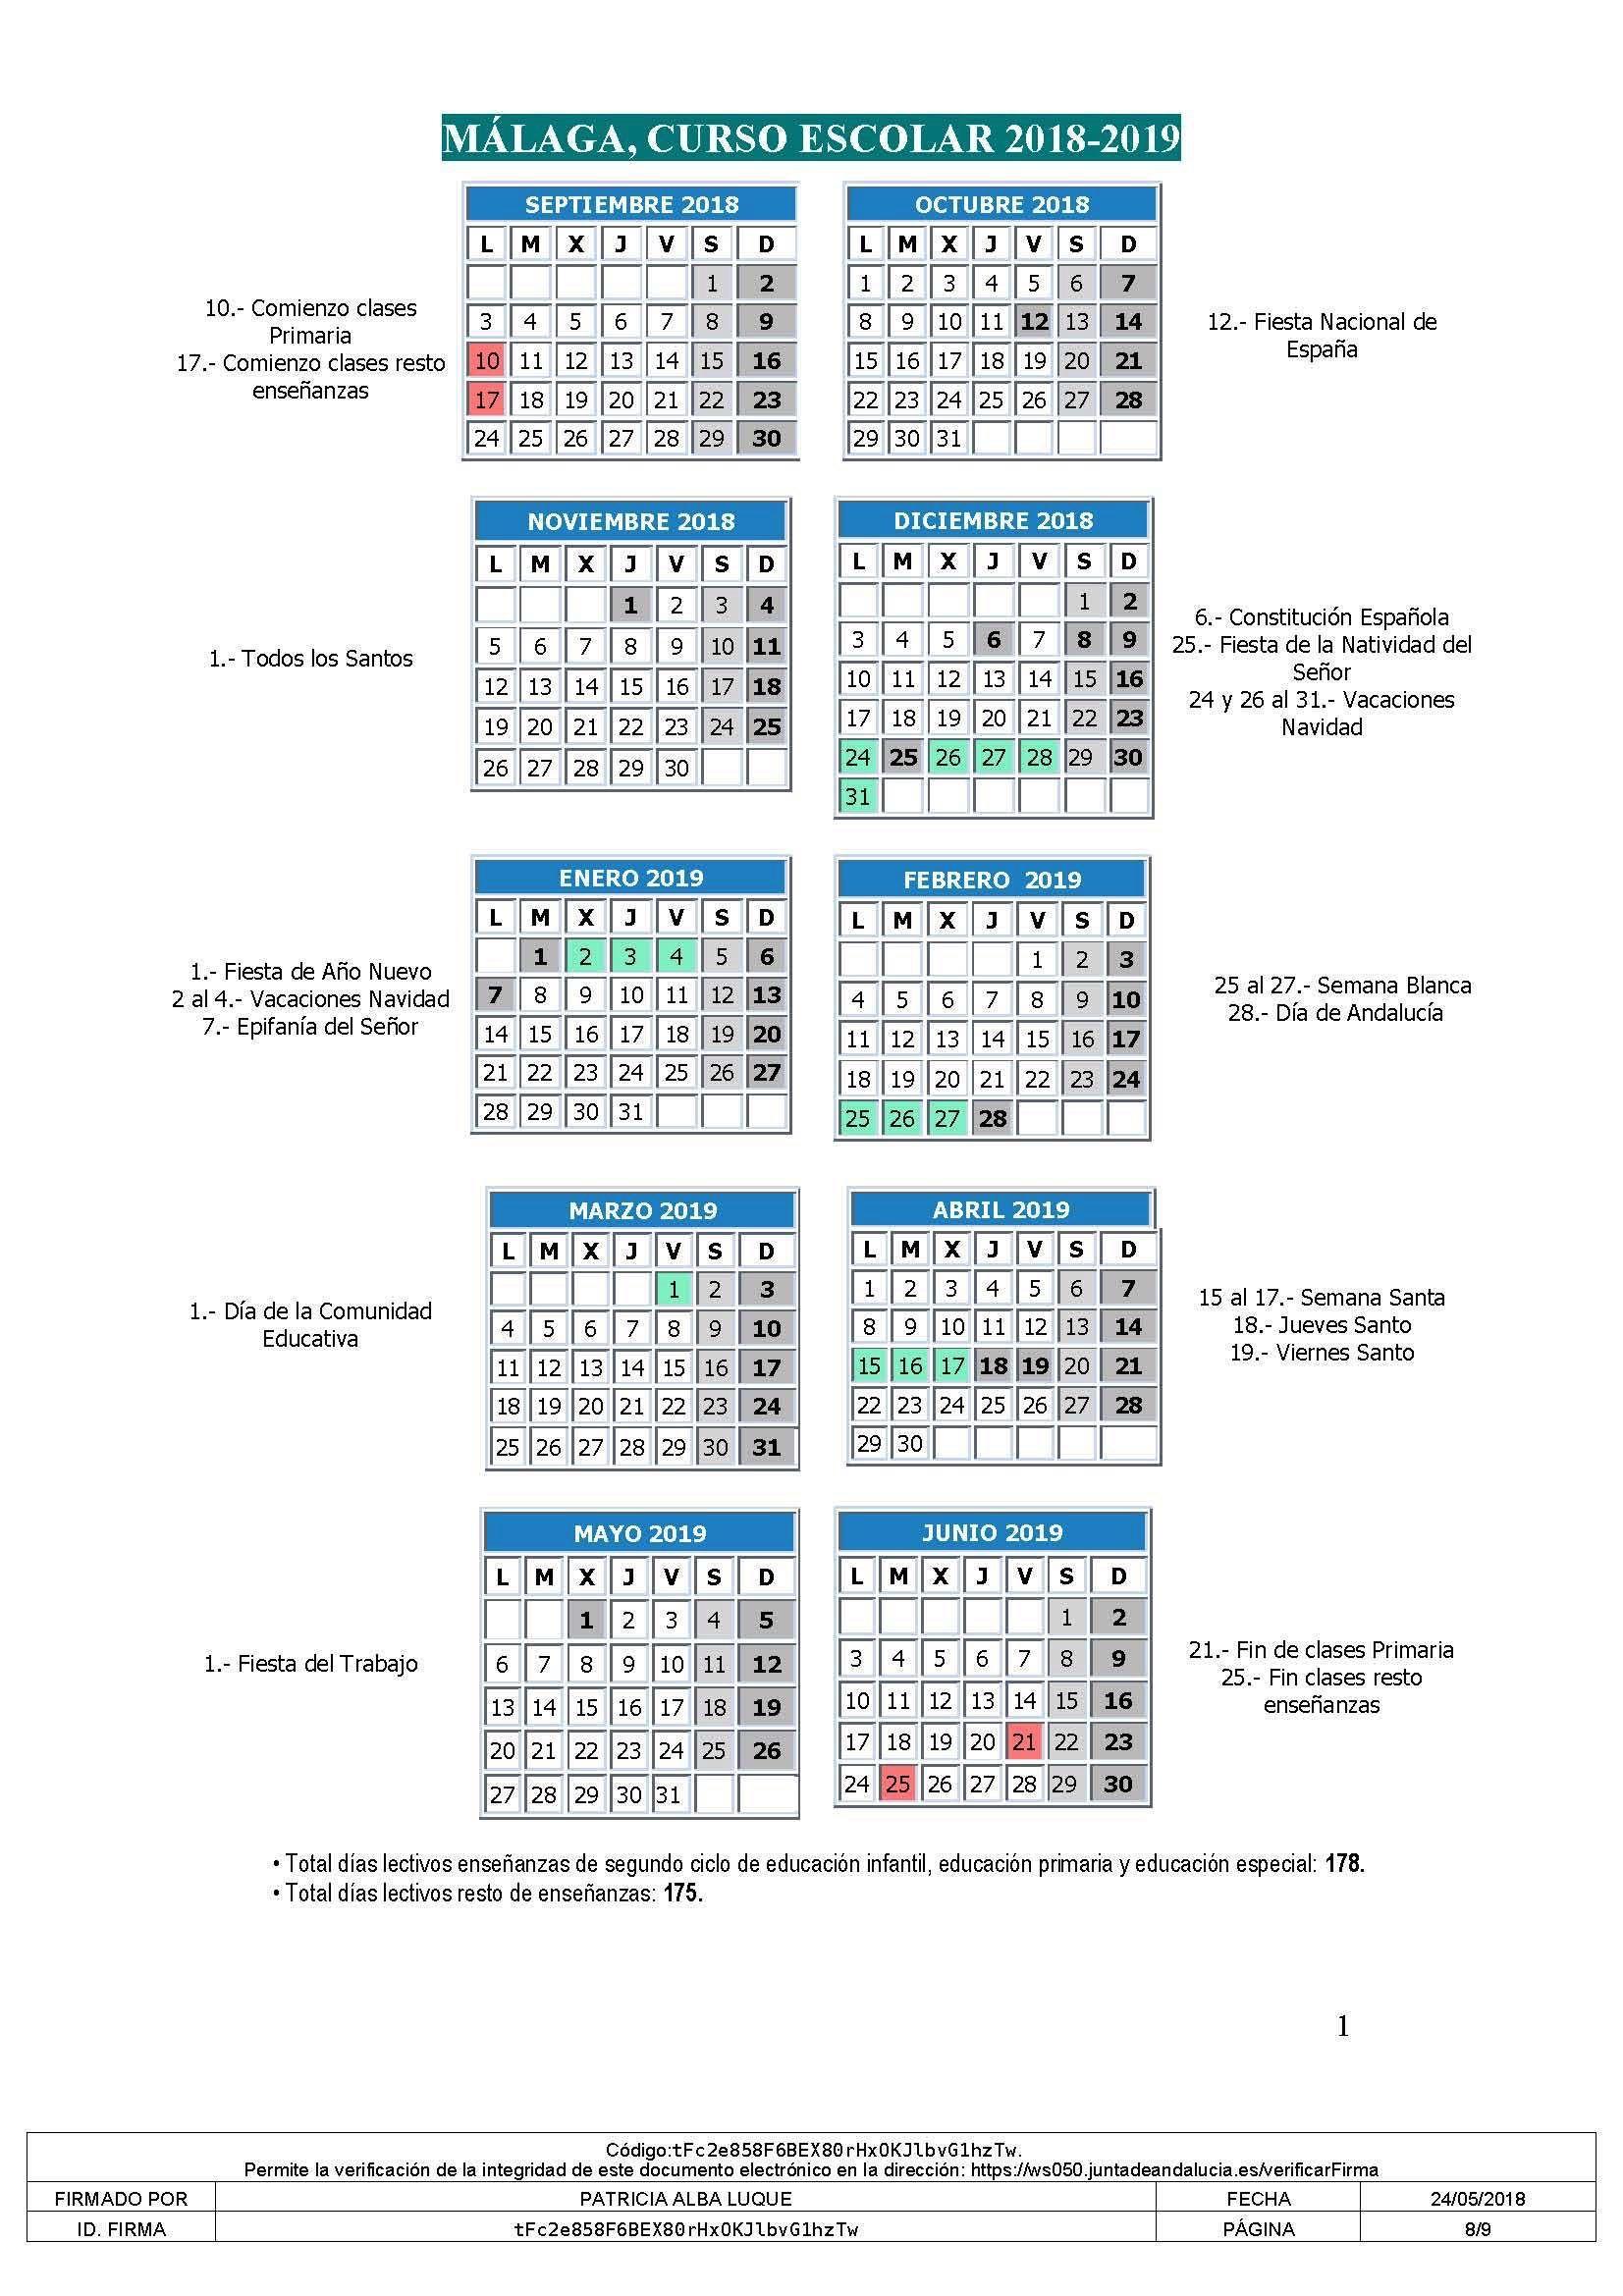 el 30 de junio de 2019 se dedicará a la evaluaci³n del alumnado y a la realizaci³n de las actividades relacionadas con la finalizaci³n del curso escolar